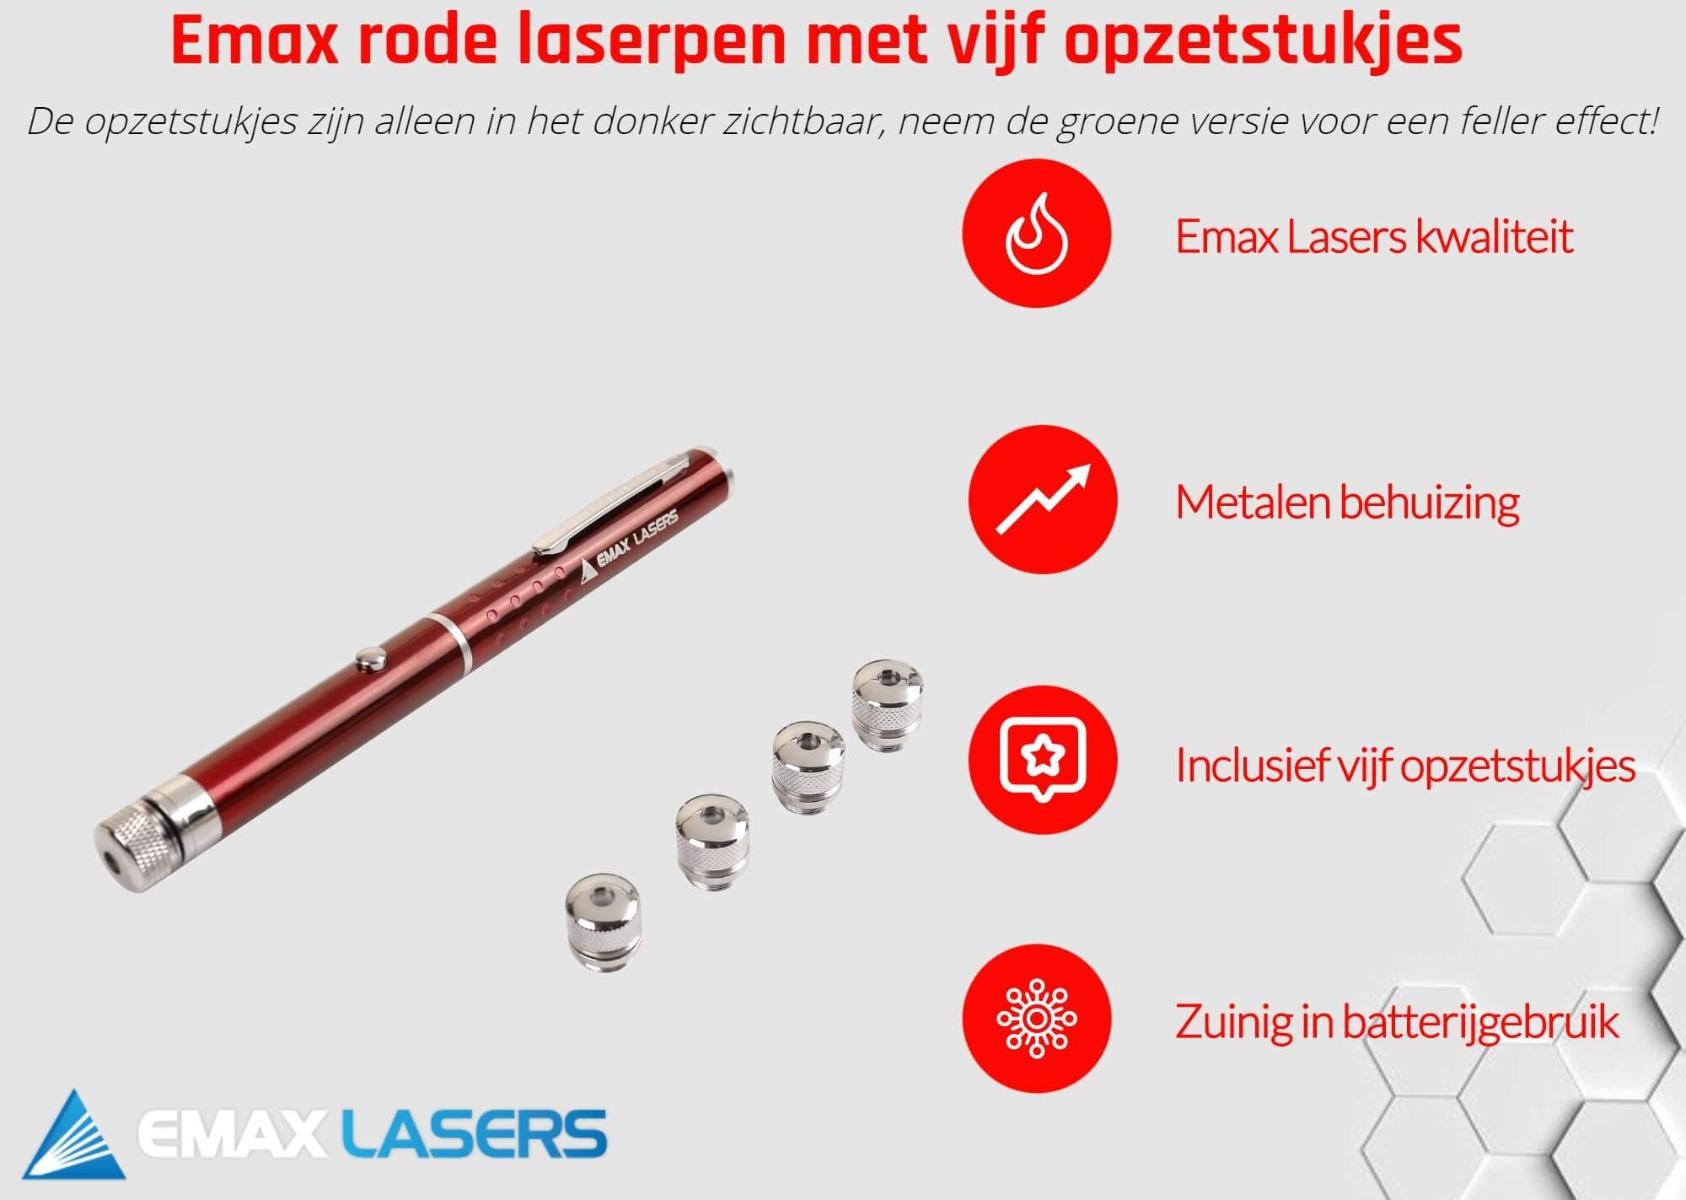 emax rode laserpen met vijf caps banner